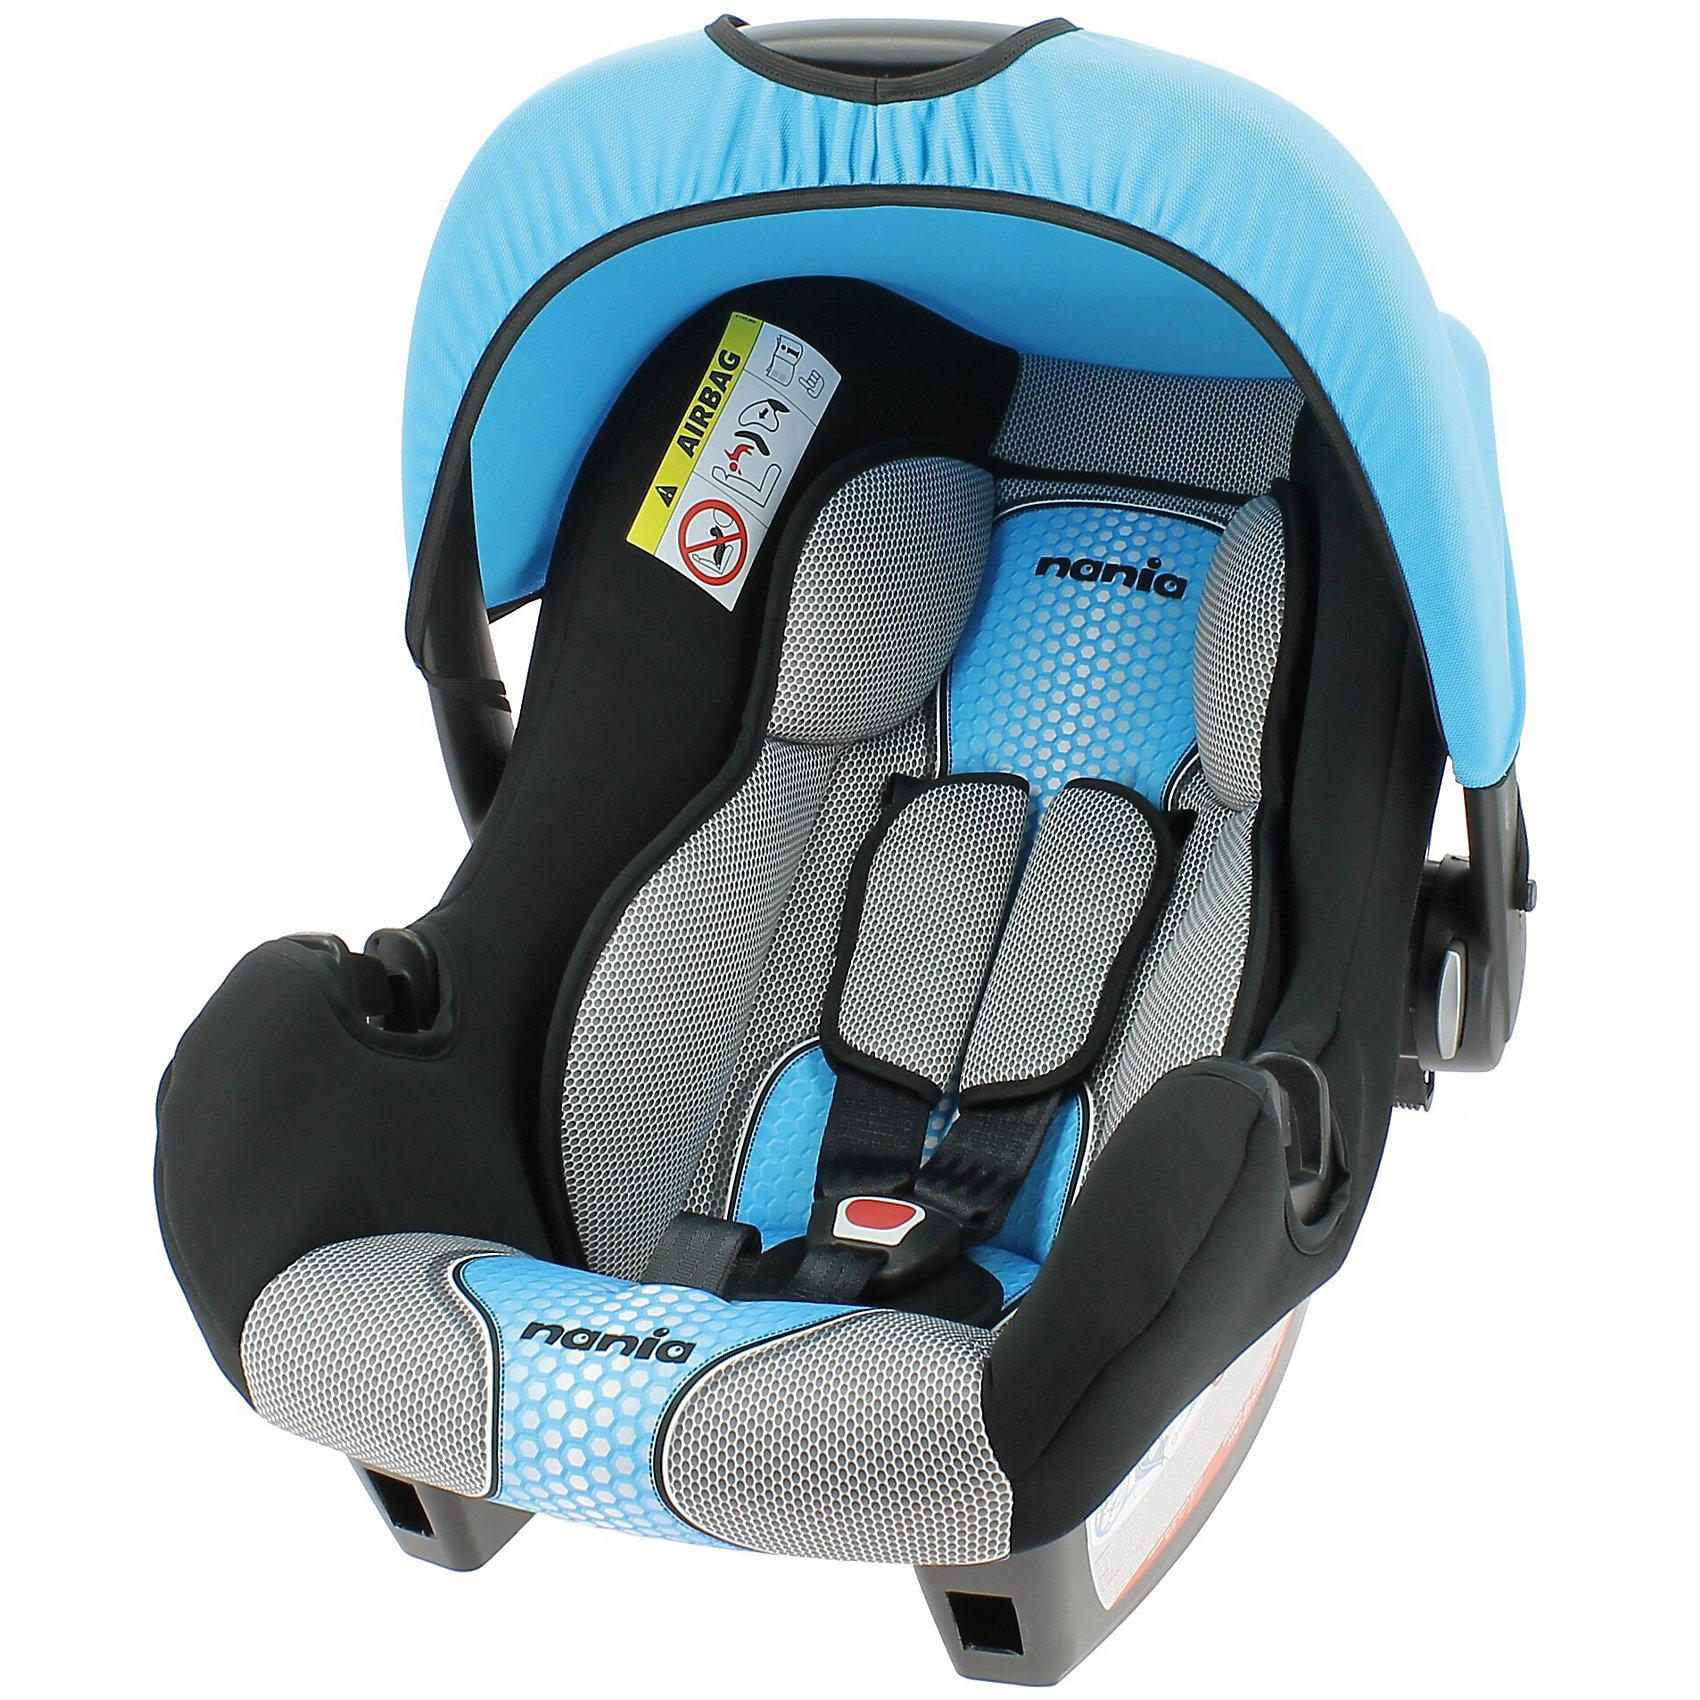 Автокресло Beone SP FST 0-13 кг., Nania, pop blueХарактеристики автолюльки Nania Beone SP FST:<br><br>• группа 0+;<br>• вес ребенка: до 13 кг;<br>• возраст ребенка: от рождения до 12 месяцев;<br>• способ установки: против хода движения автомобиля;<br>• способ крепления: штатными ремнями безопасности автомобиля;<br>• солнцезащитный тент, положение регулируется;<br>• анатомический вкладыш для новорожденного;<br>• 3-х точечные ремни безопасности с мягкими накладками;<br>• ручка для переноски автолюльки;<br>• эргономичная чаша автокресла;<br>• дополнительная защита от боковых ударов, система SP (side protection);<br>• съемные чехлы, стирка при температуре 30 градусов;<br>• материал: пластик, полиэстер;<br>• стандарт безопасности: ЕСЕ R44/04.<br><br>Размер автокресла: 70х47х40 см<br>Вес автокресла: 3,2 кг<br><br>Автолюлька для новорожденных устанавливается на заднем сиденье автомобиля лицом против хода движения автомобиля. Специальная жесткая ручка позволяет использовать автолюльку в качестве переноски, чтобы не потревожить спящего малыша. Глубокая чаша и капор обеспечивают комфортное положение ребенка в автокресле с защитой от солнечных лучей. <br><br>Автокресло Beone SP FST 0-13 кг., Nania, pop blue можно купить в нашем интернет-магазине.<br><br>Ширина мм: 400<br>Глубина мм: 390<br>Высота мм: 720<br>Вес г: 7690<br>Возраст от месяцев: 0<br>Возраст до месяцев: 15<br>Пол: Мужской<br>Возраст: Детский<br>SKU: 5287288